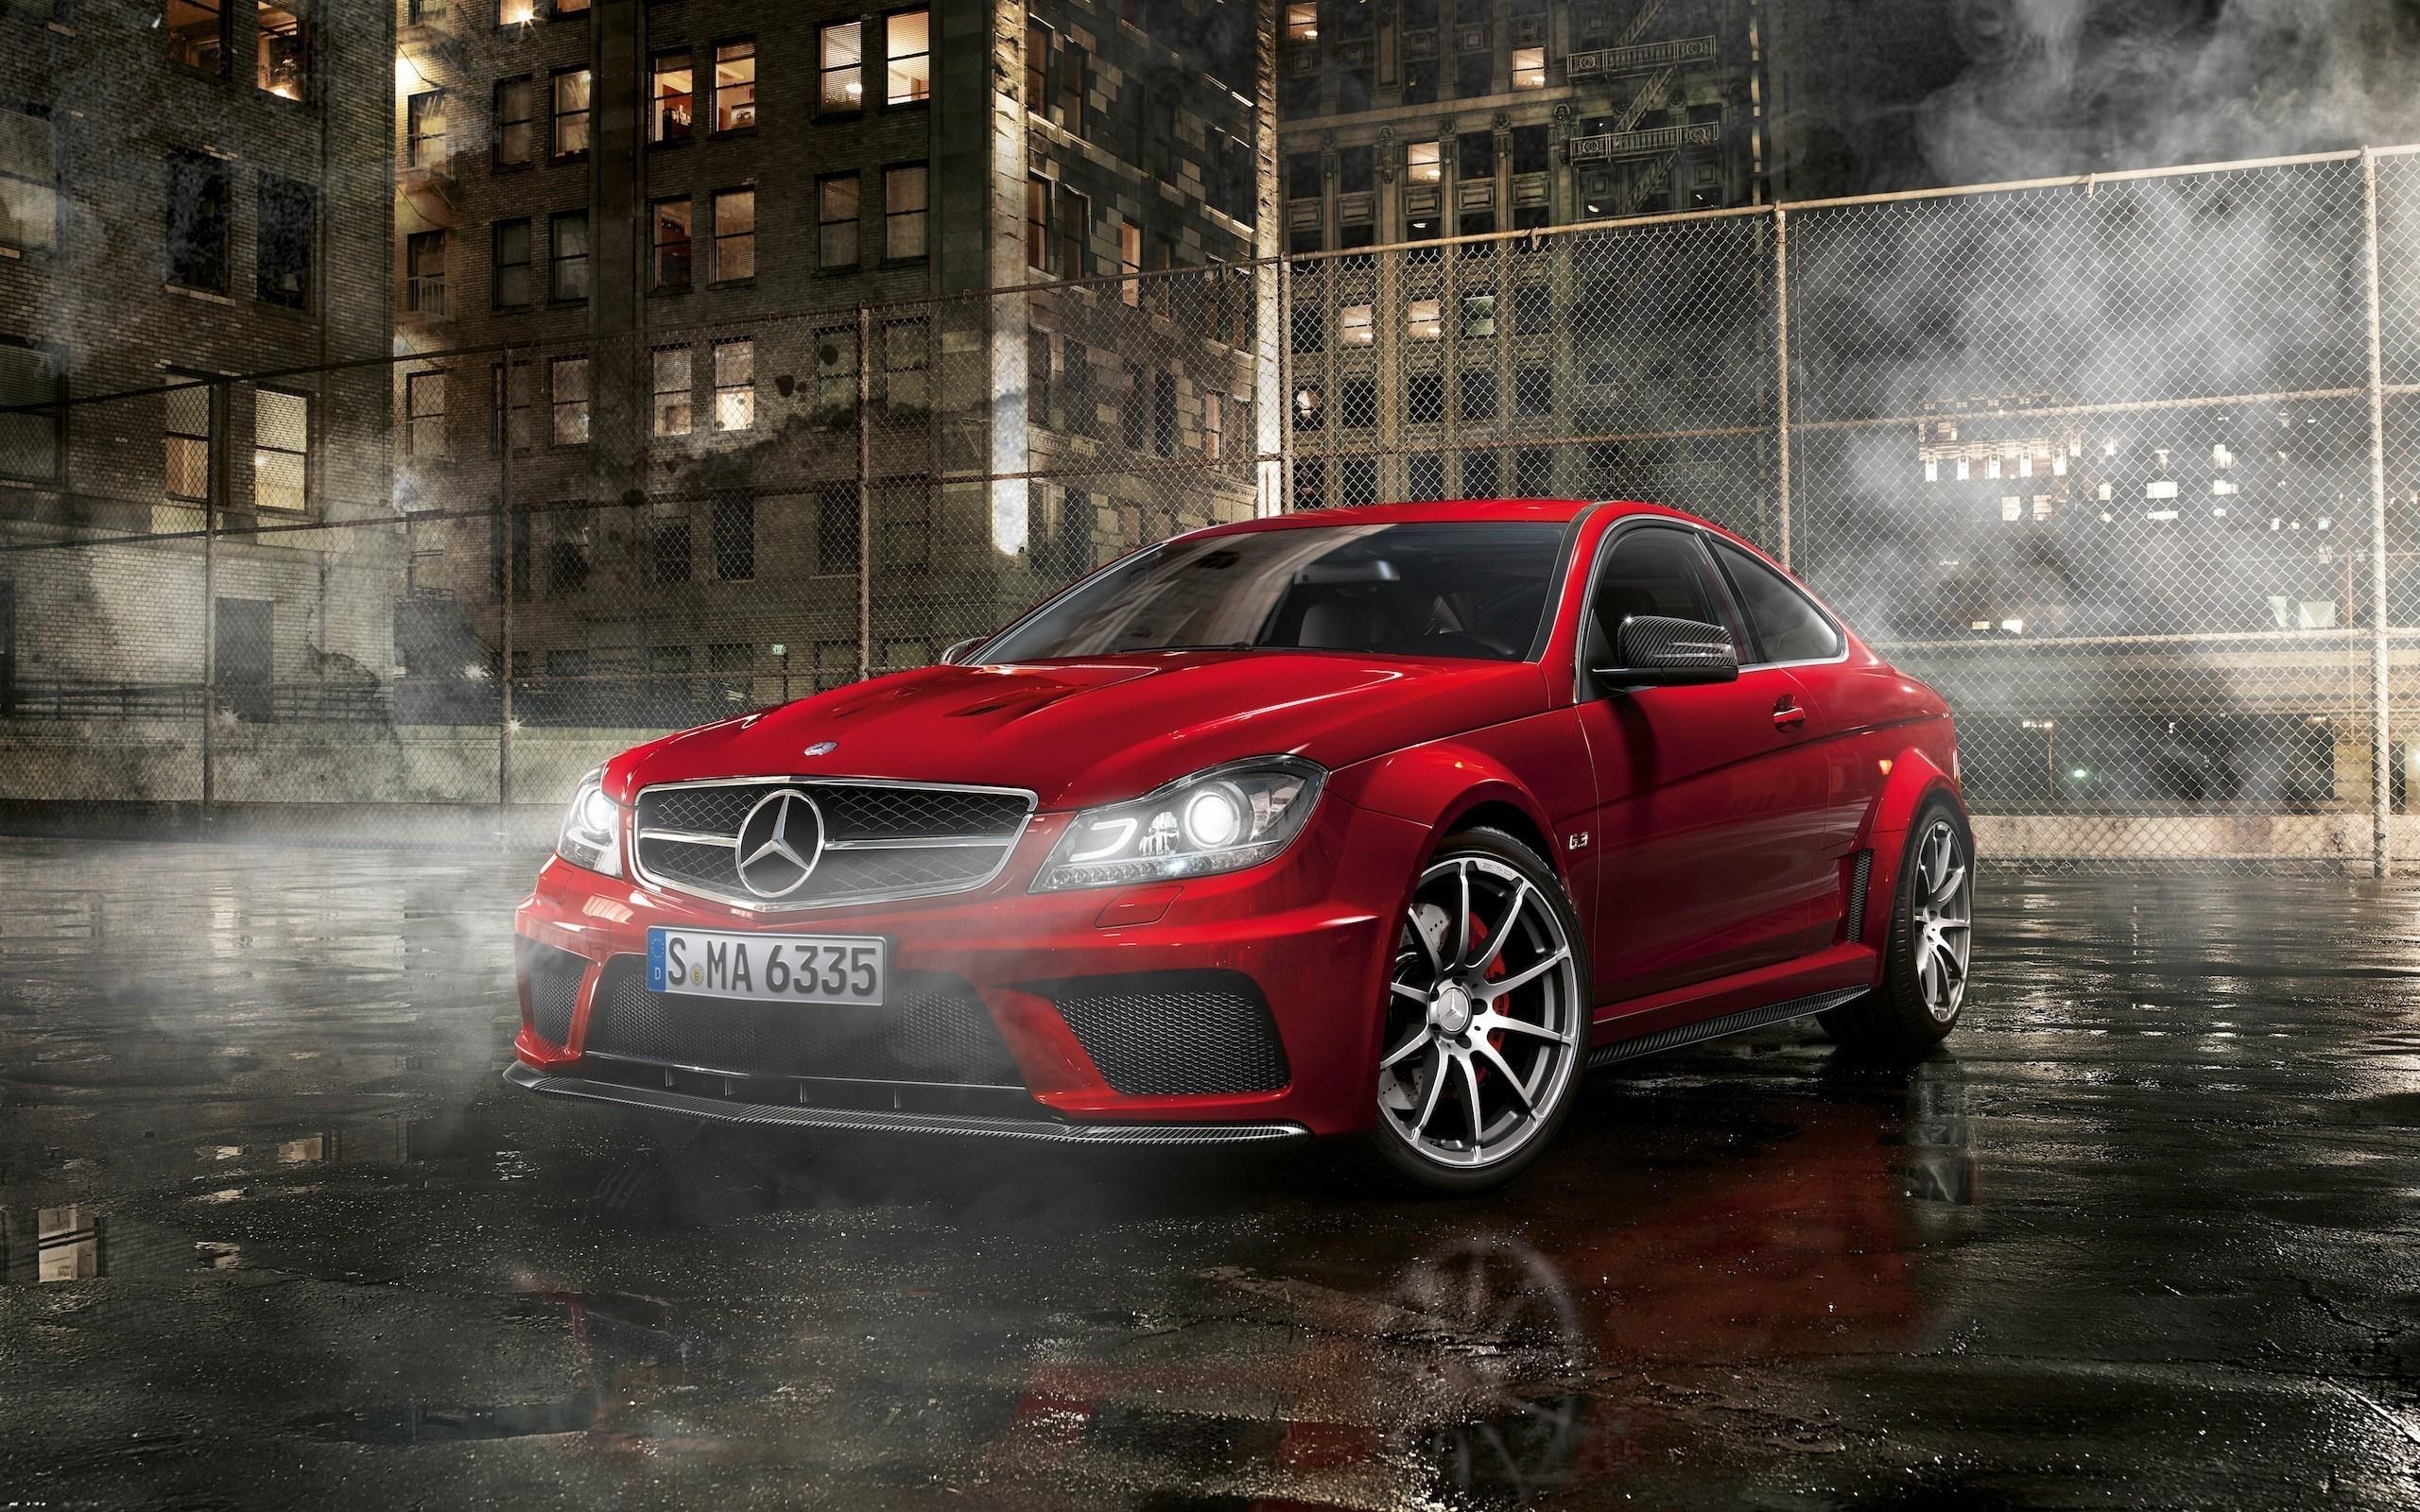 Mercedes-Benz C63 AMG Night Street Parking